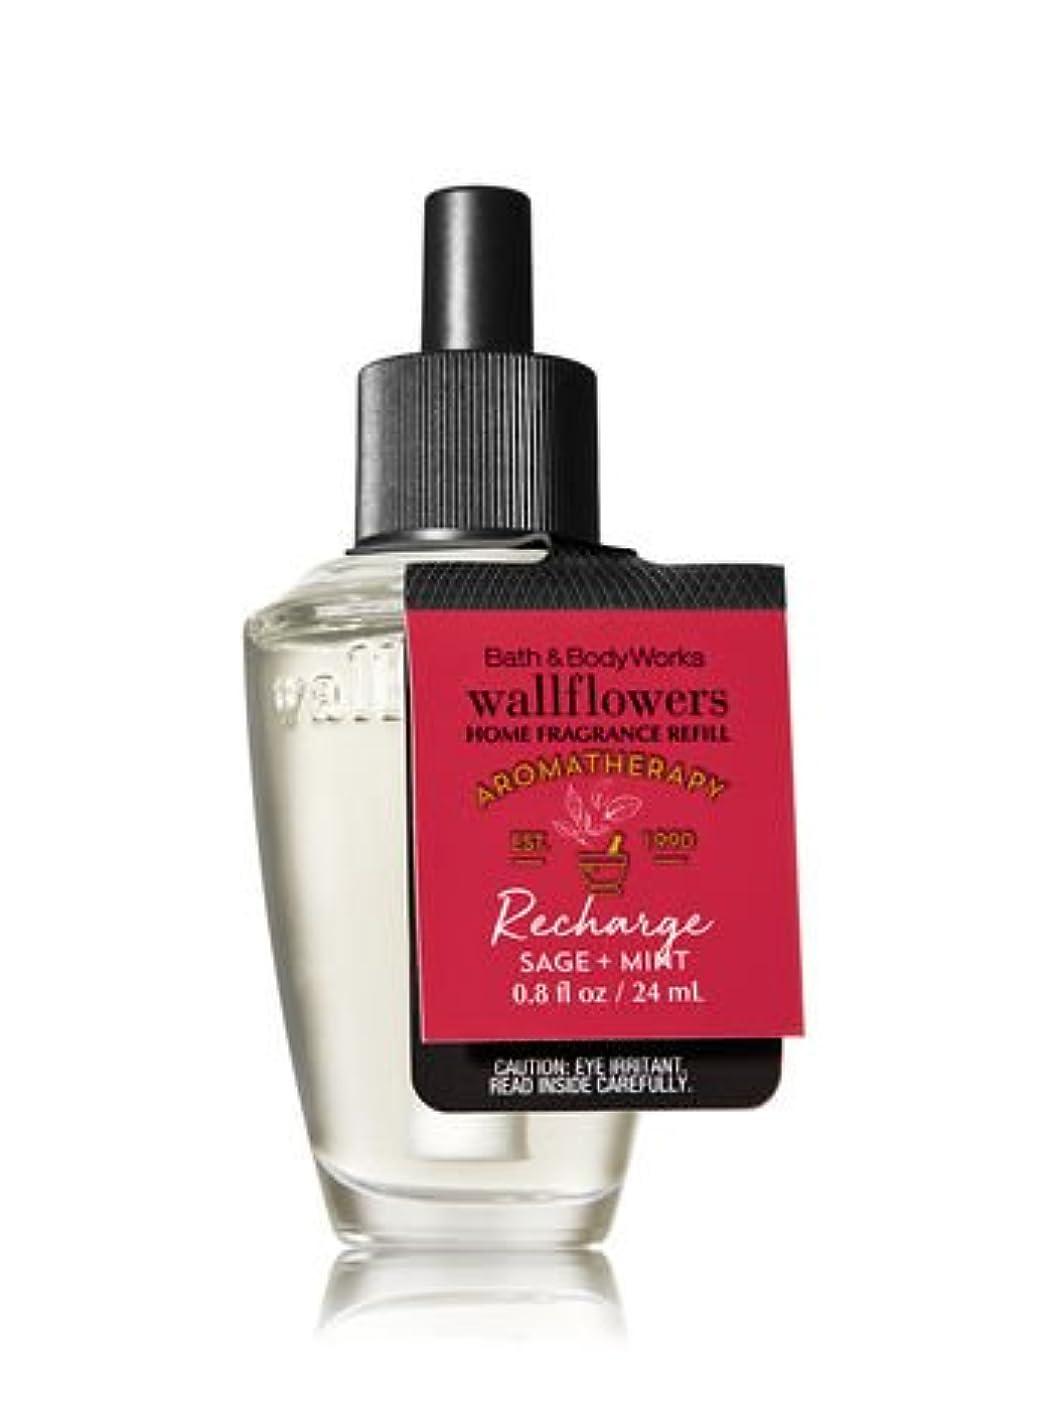 ヒューマニスティック平行ラフレシアアルノルディ【Bath&Body Works/バス&ボディワークス】 ルームフレグランス 詰替えリフィル アロマセラピー リチャージ セージ&ミント Wallflowers Home Fragrance Refill Aromatherapy Recharge Sage & Mint [並行輸入品]